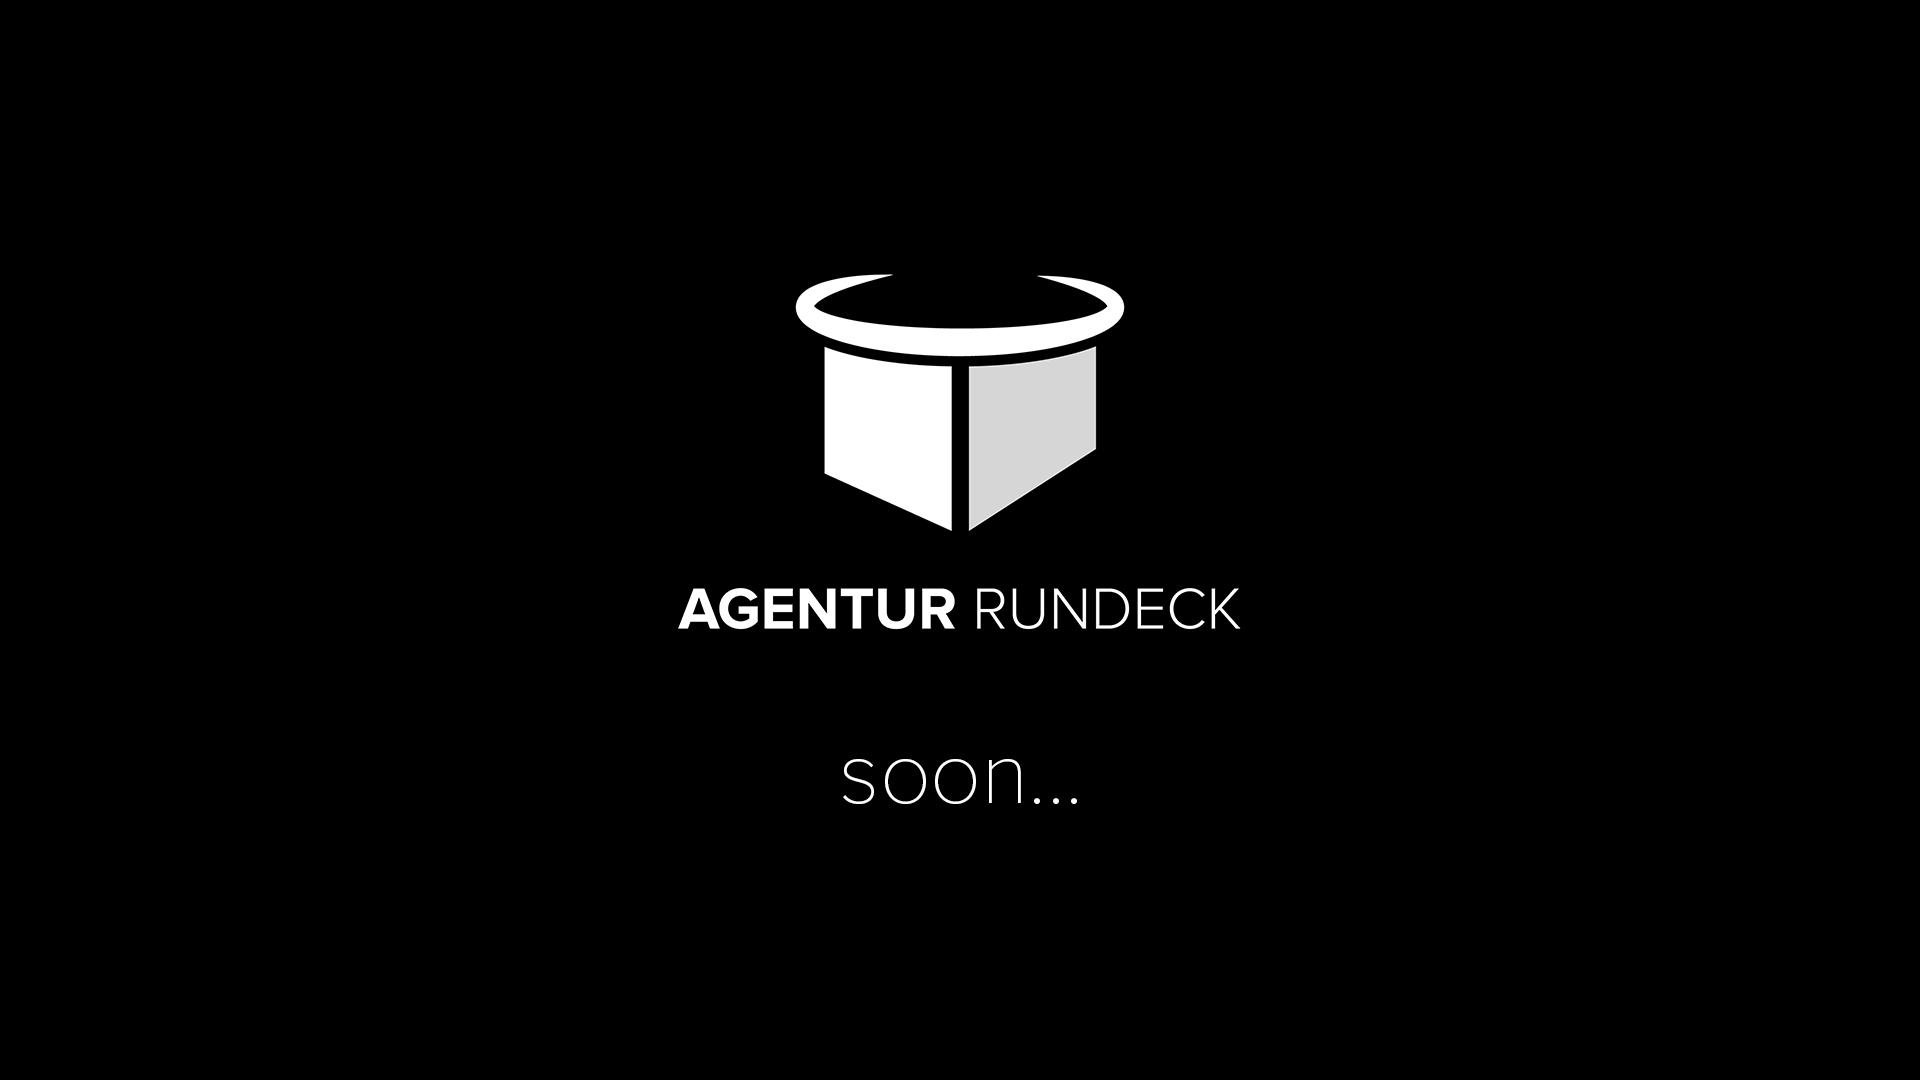 Agentur Rundeck